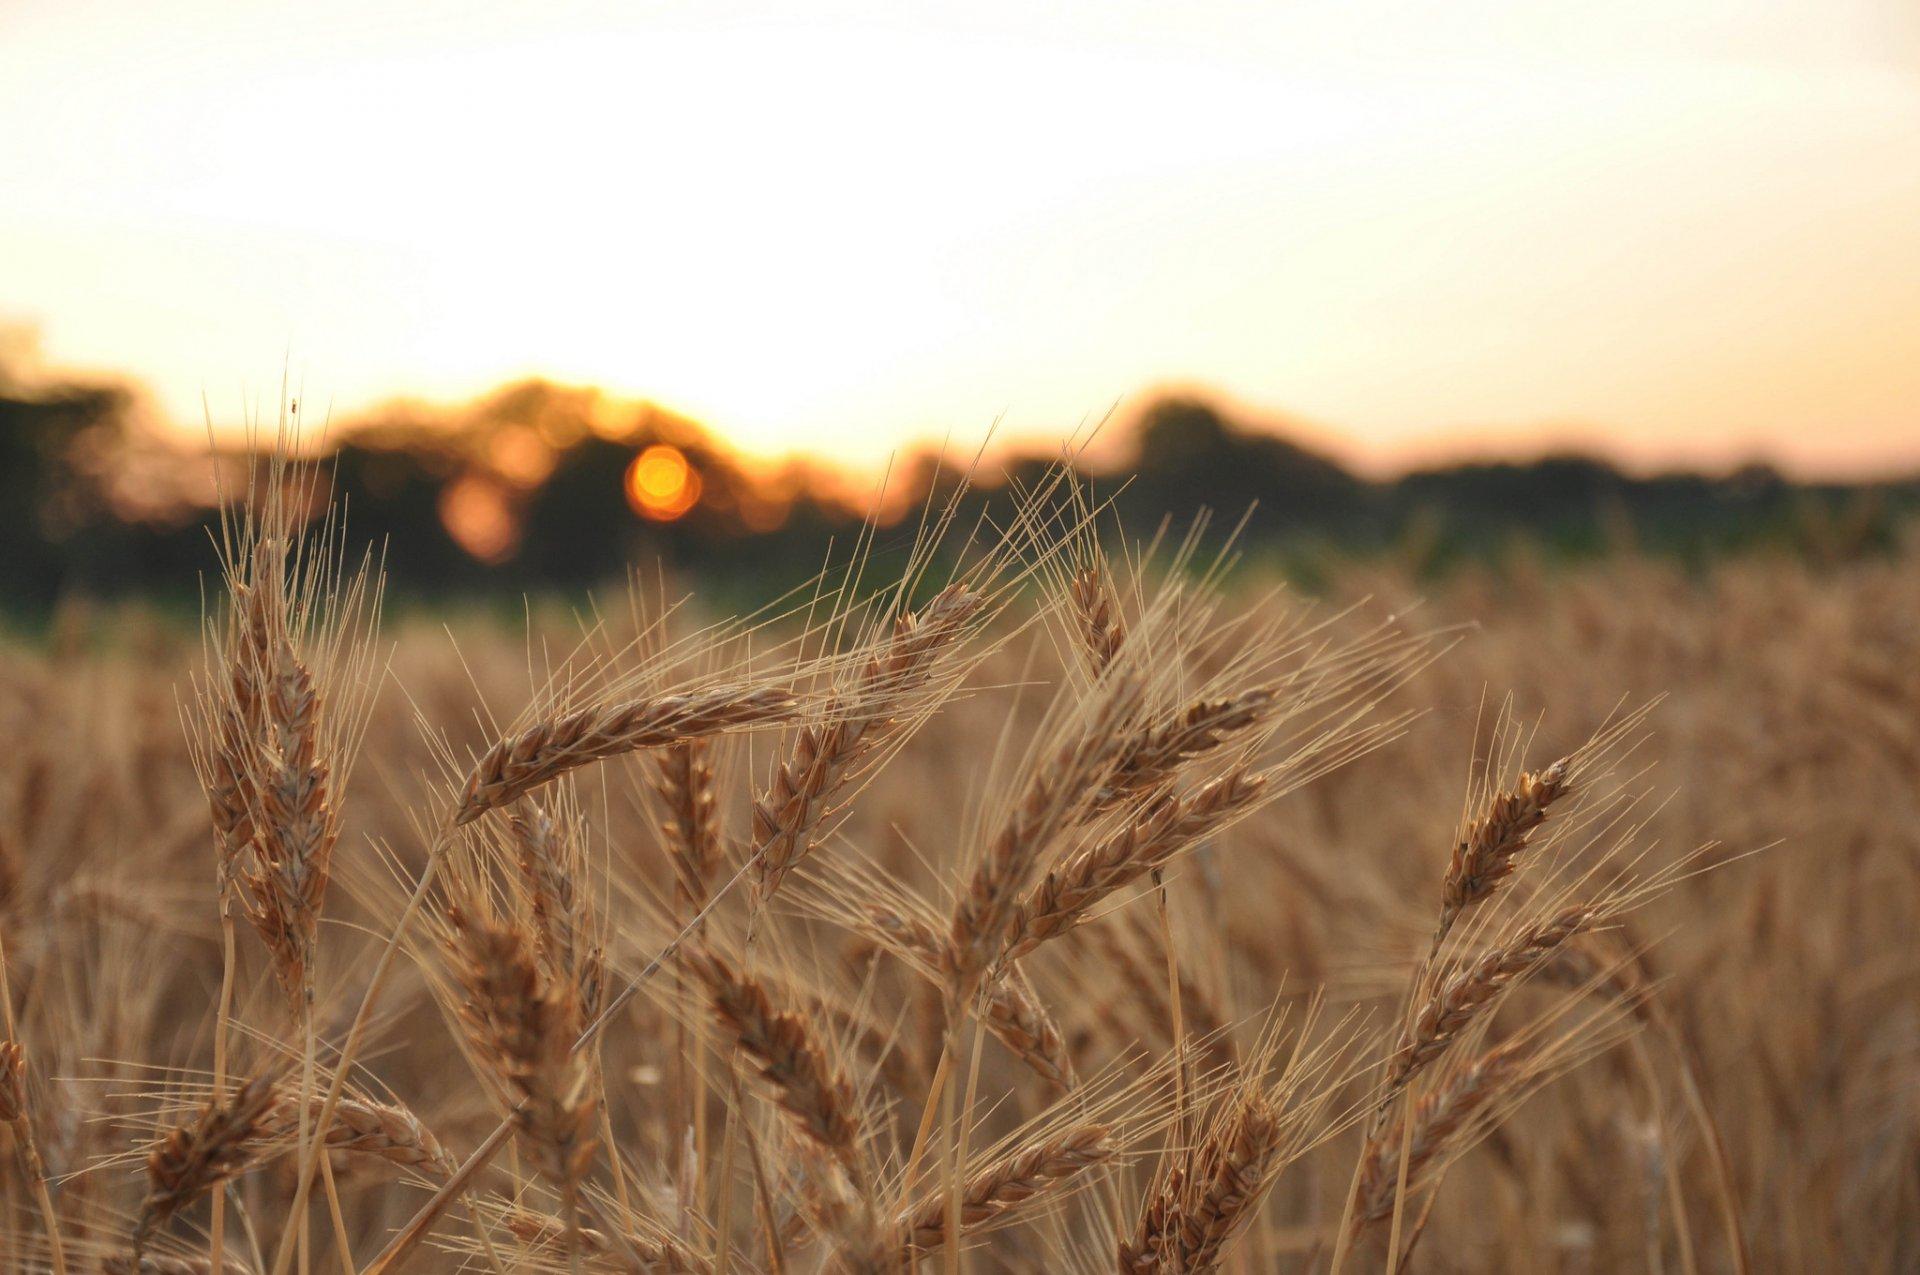 два американских пшеница красивые фотографии провели воде целый